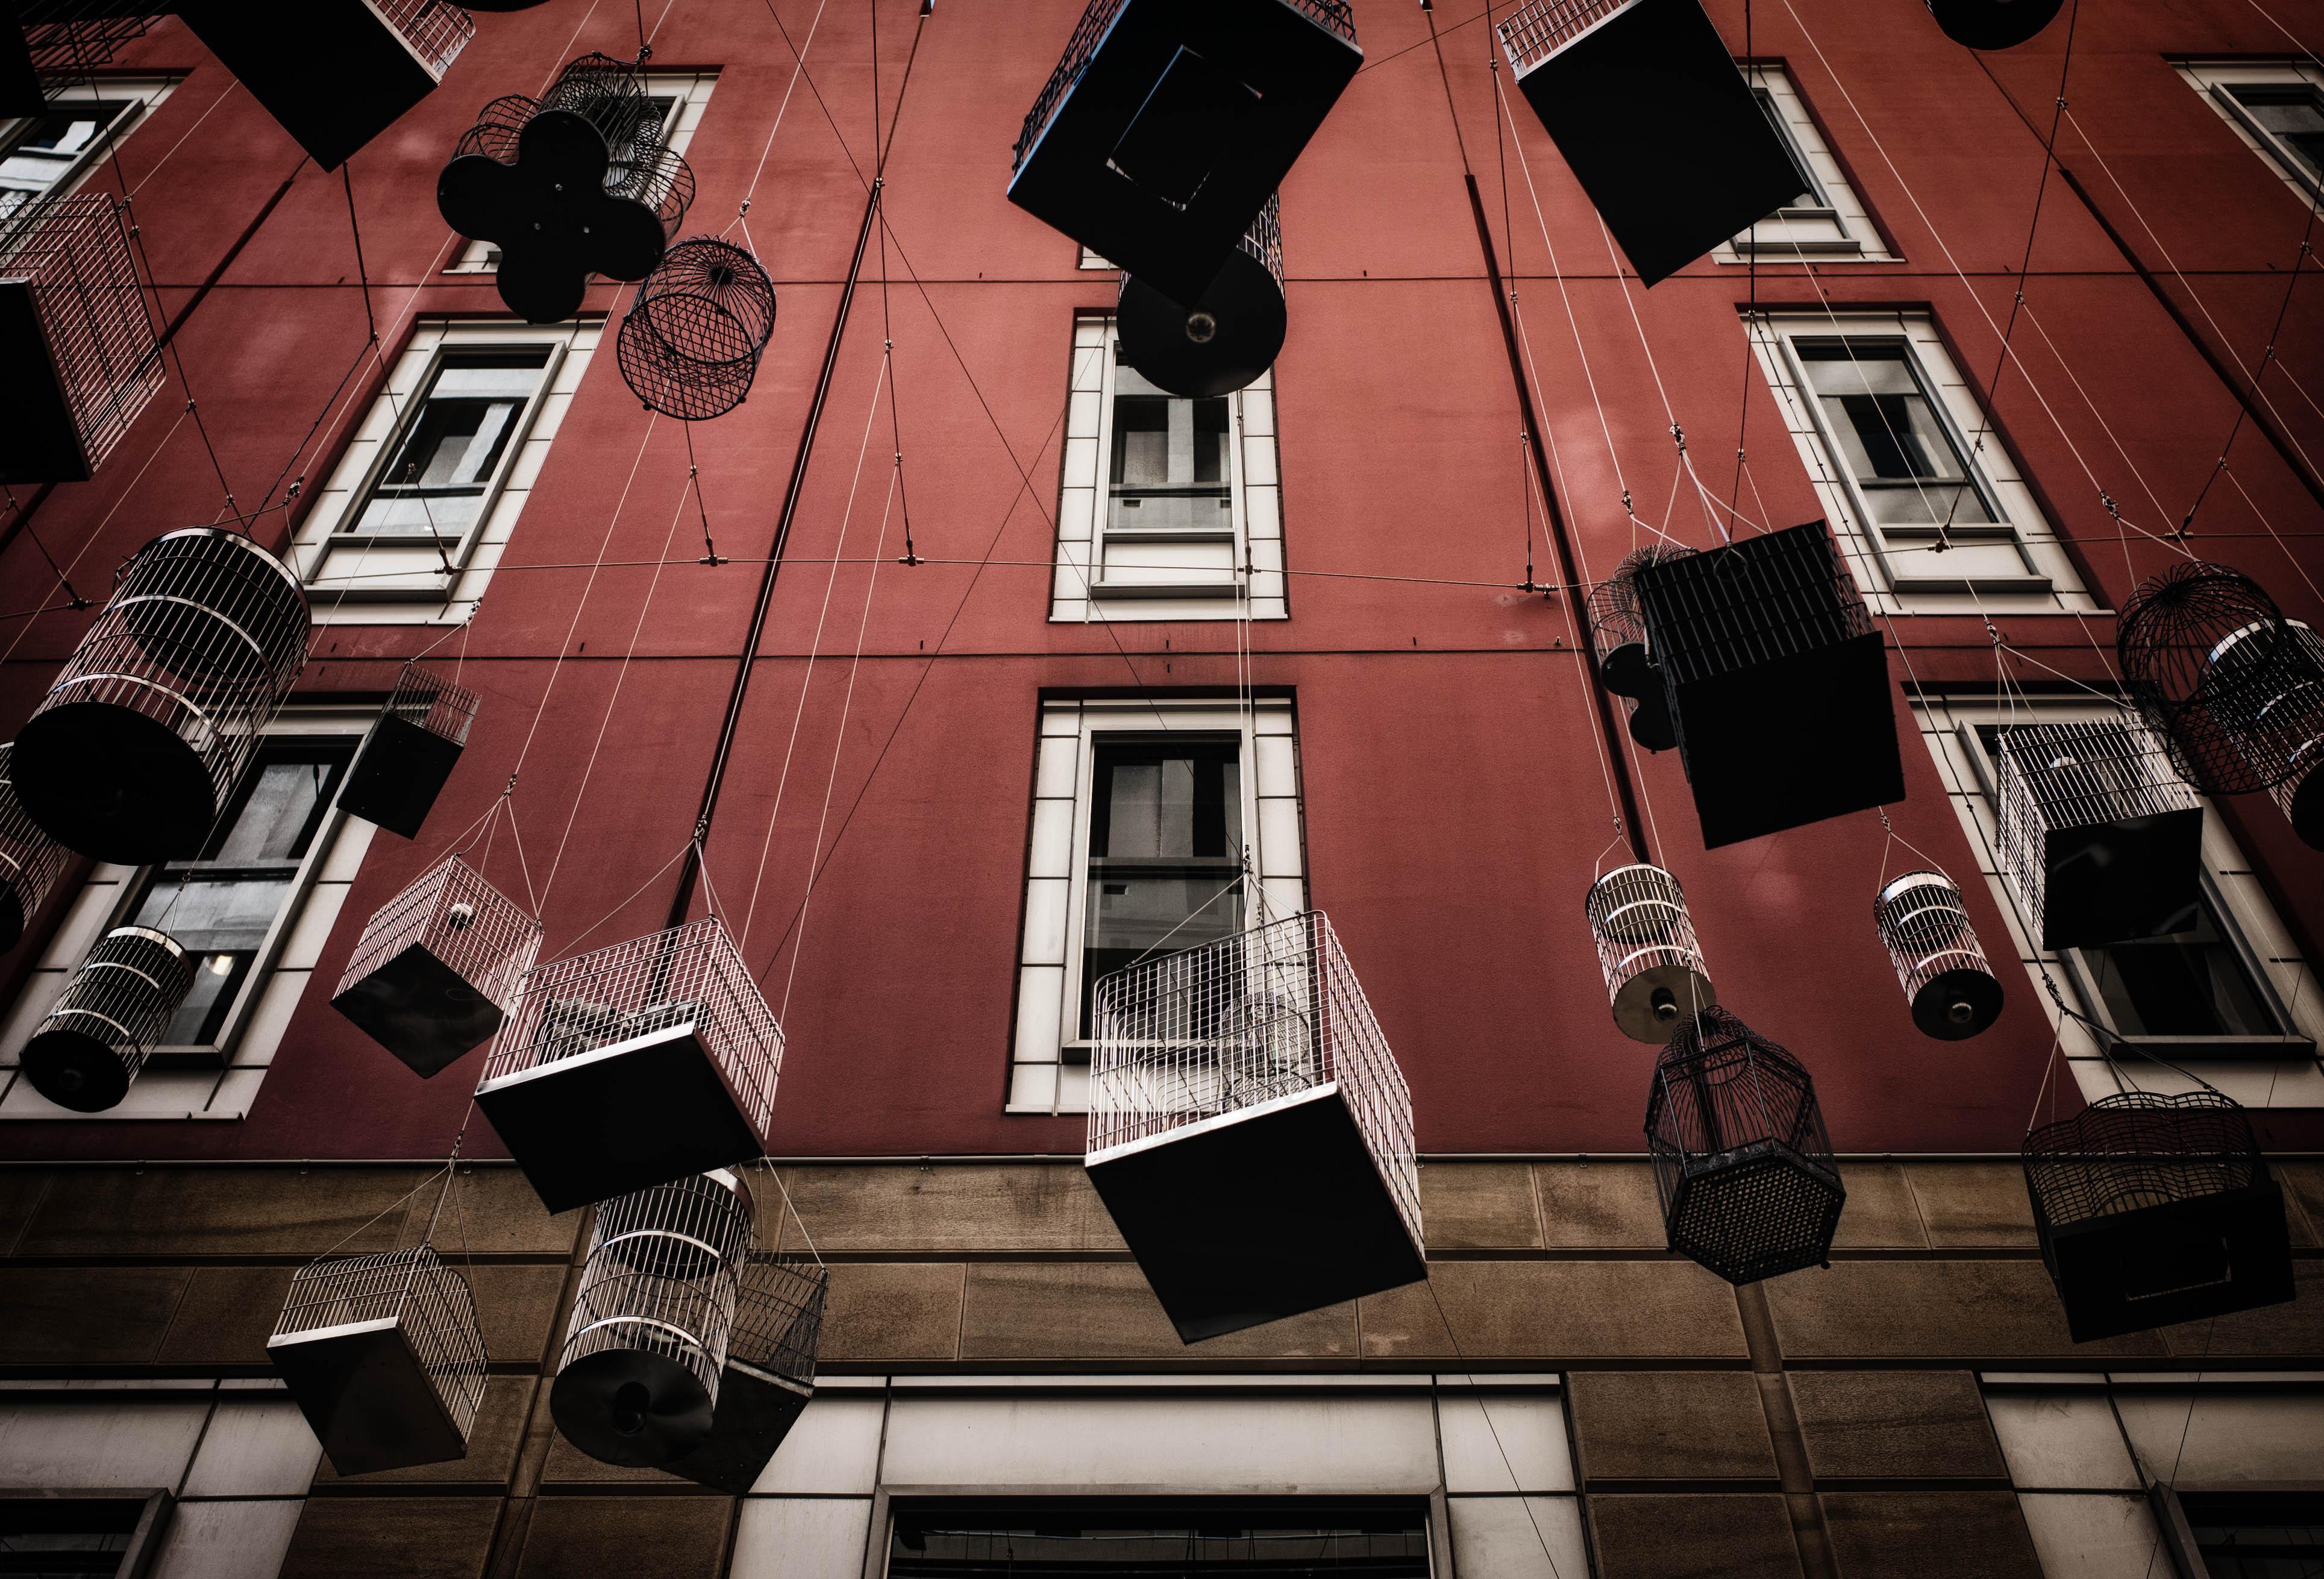 Hintergrundbilder : Fenster, Stadt, Straße, Nacht-, die Architektur ...